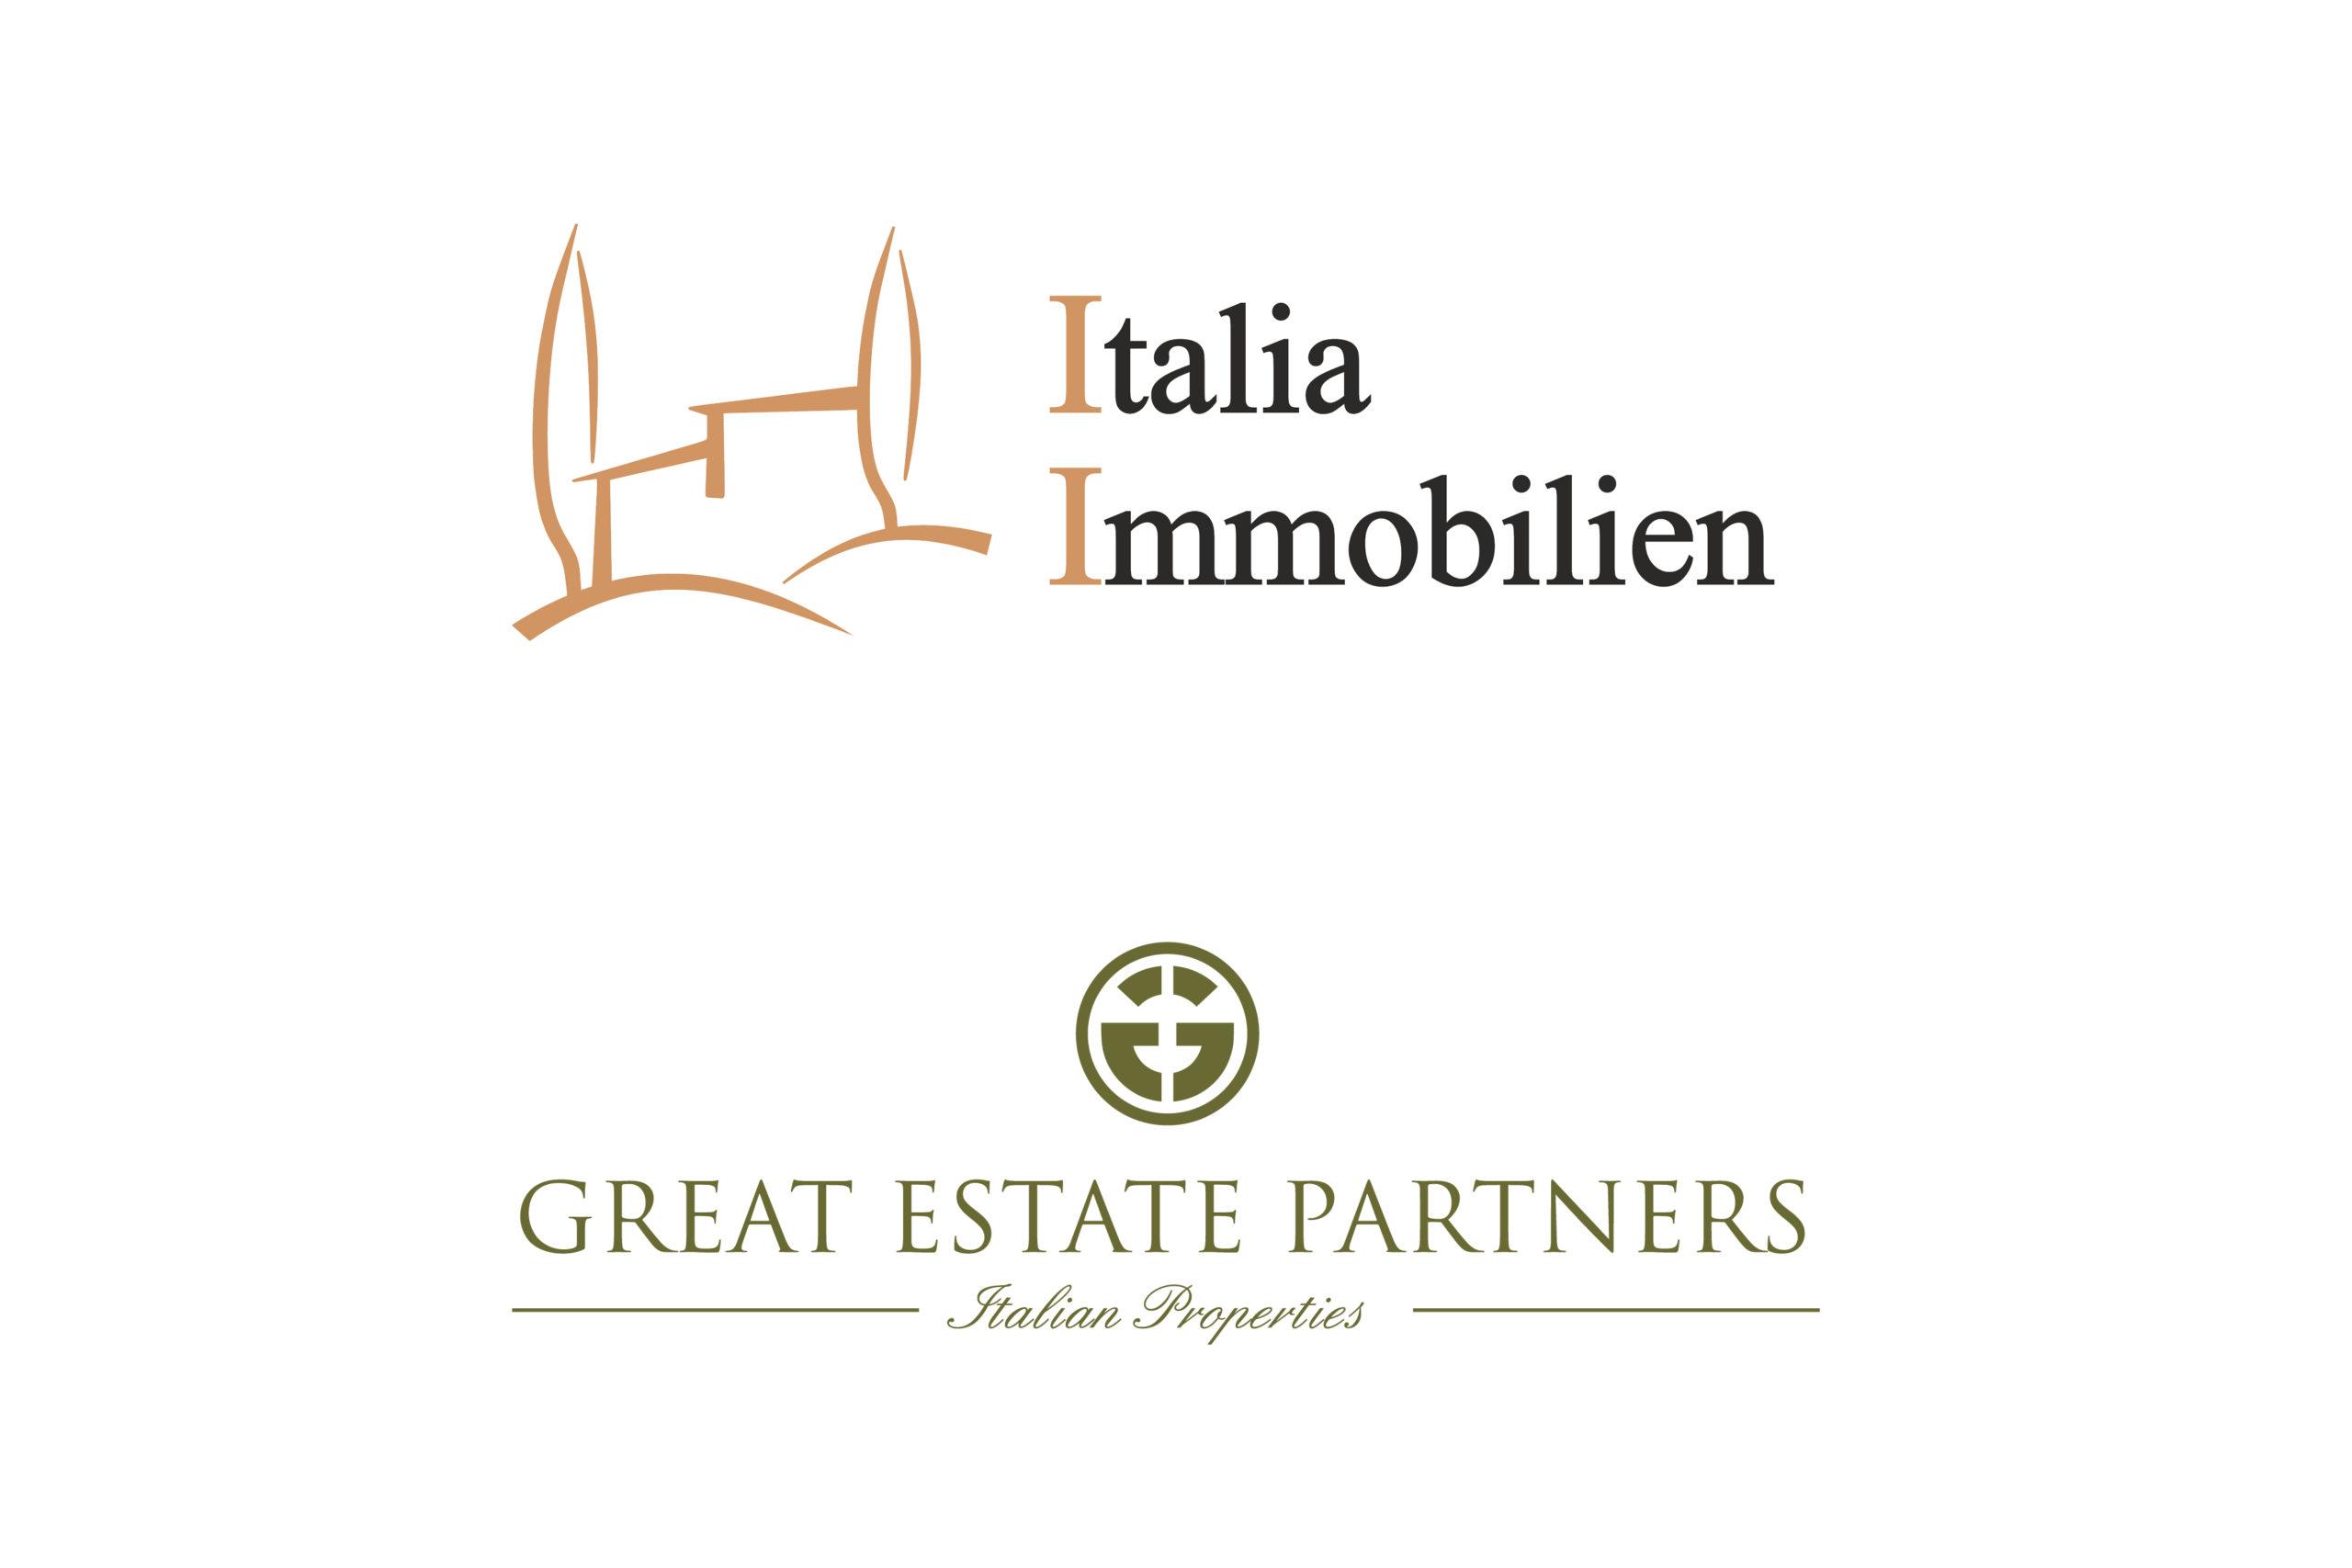 GREAT ESTATE NETWORK E ITALIA IMMOBILIEN: UNA VIRTUOSA COLLABORAZIONE